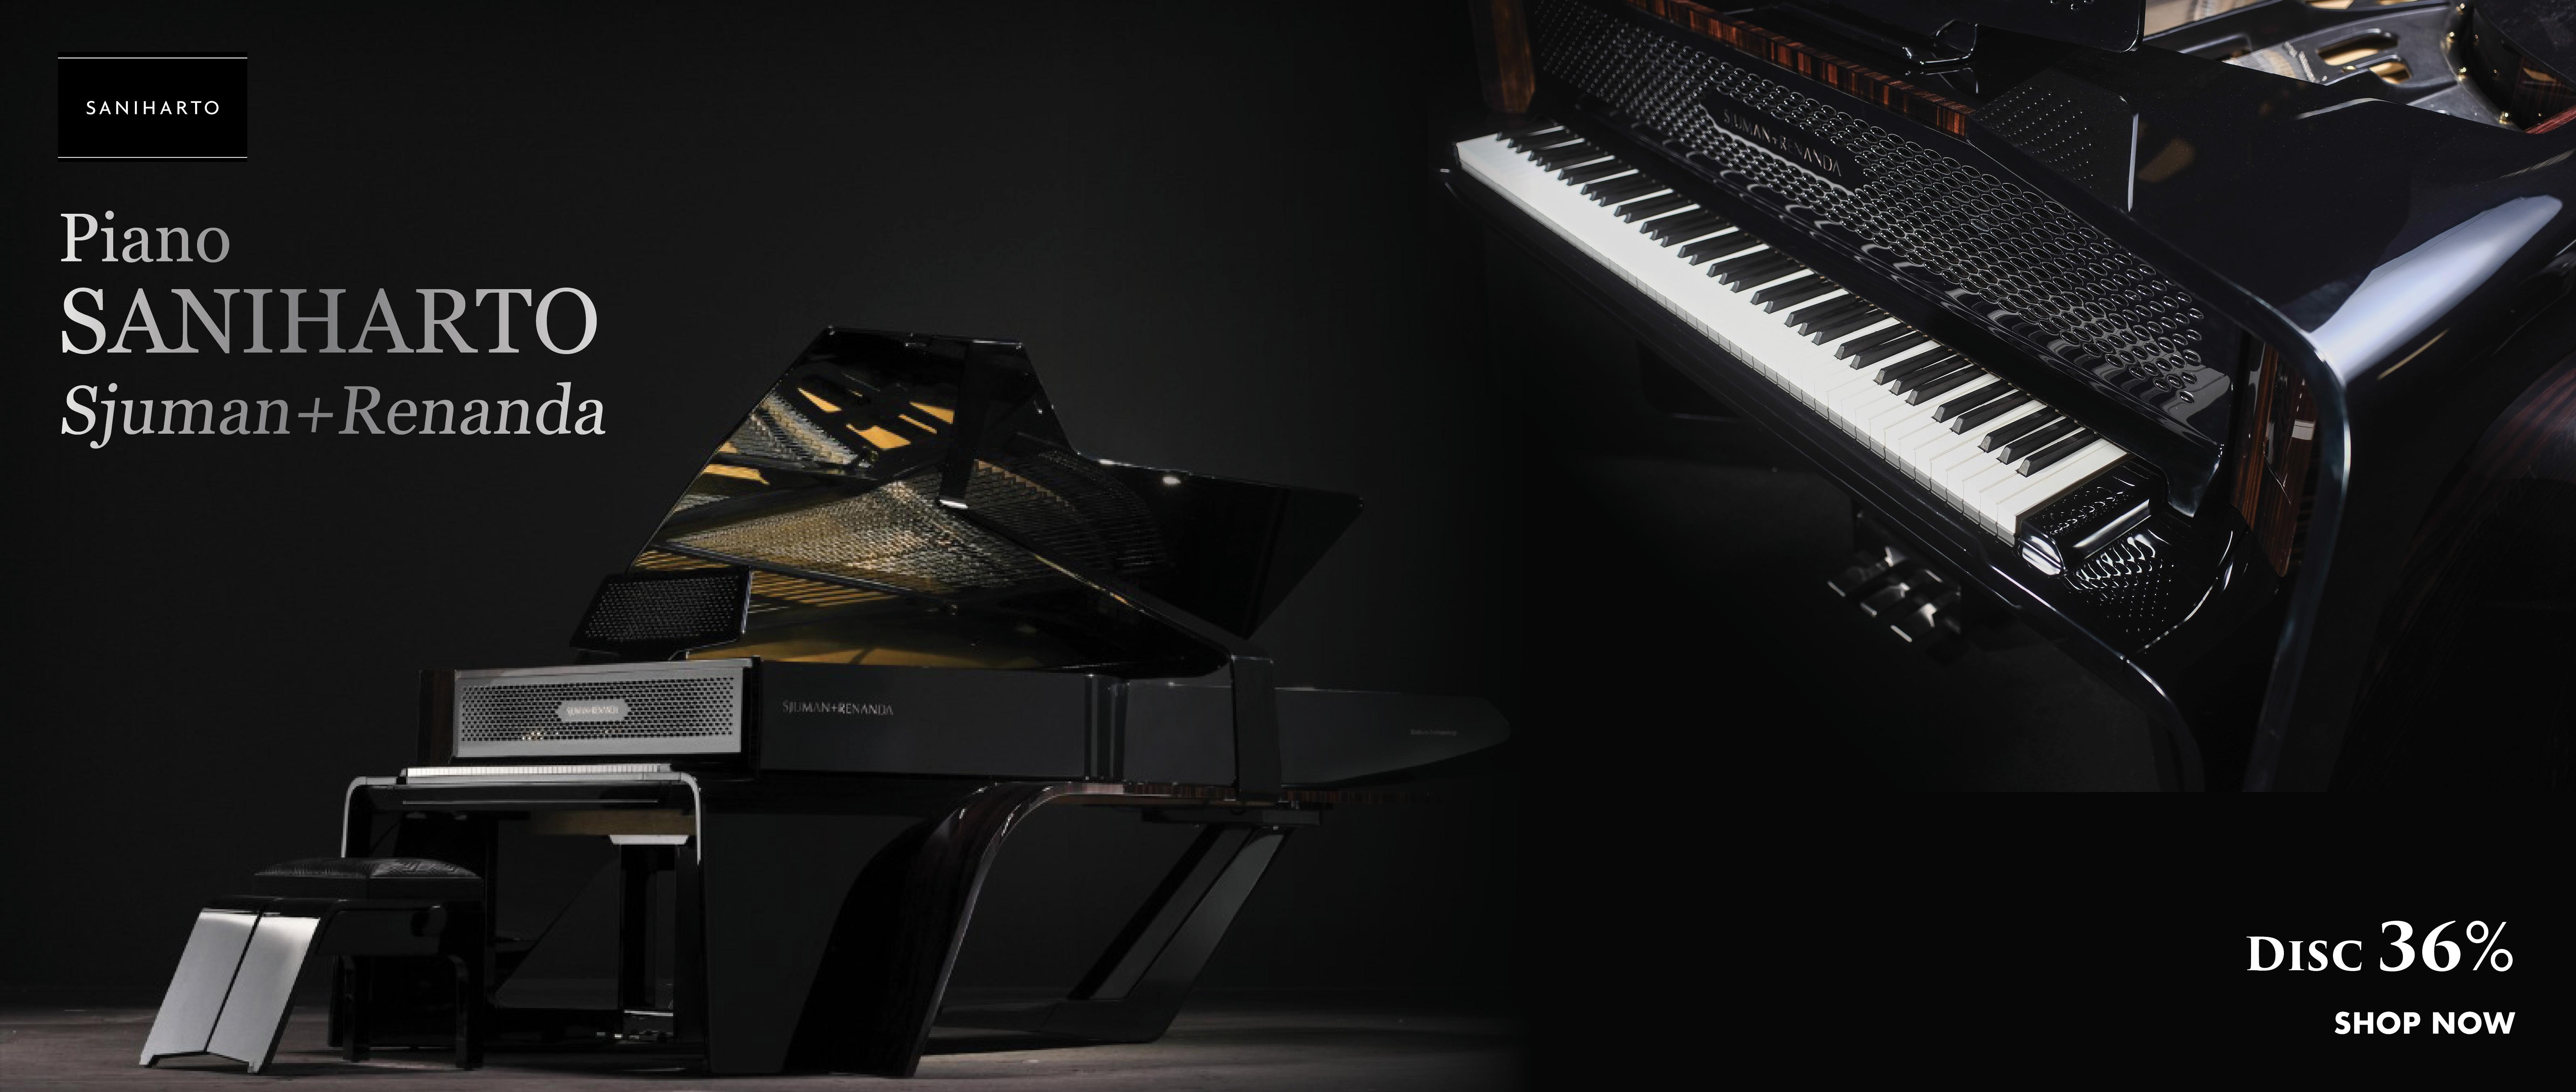 DESKTOP_TEMPLATE SLIDER_REGISTRYE SHOP piano saniharto 2 NOV 2020